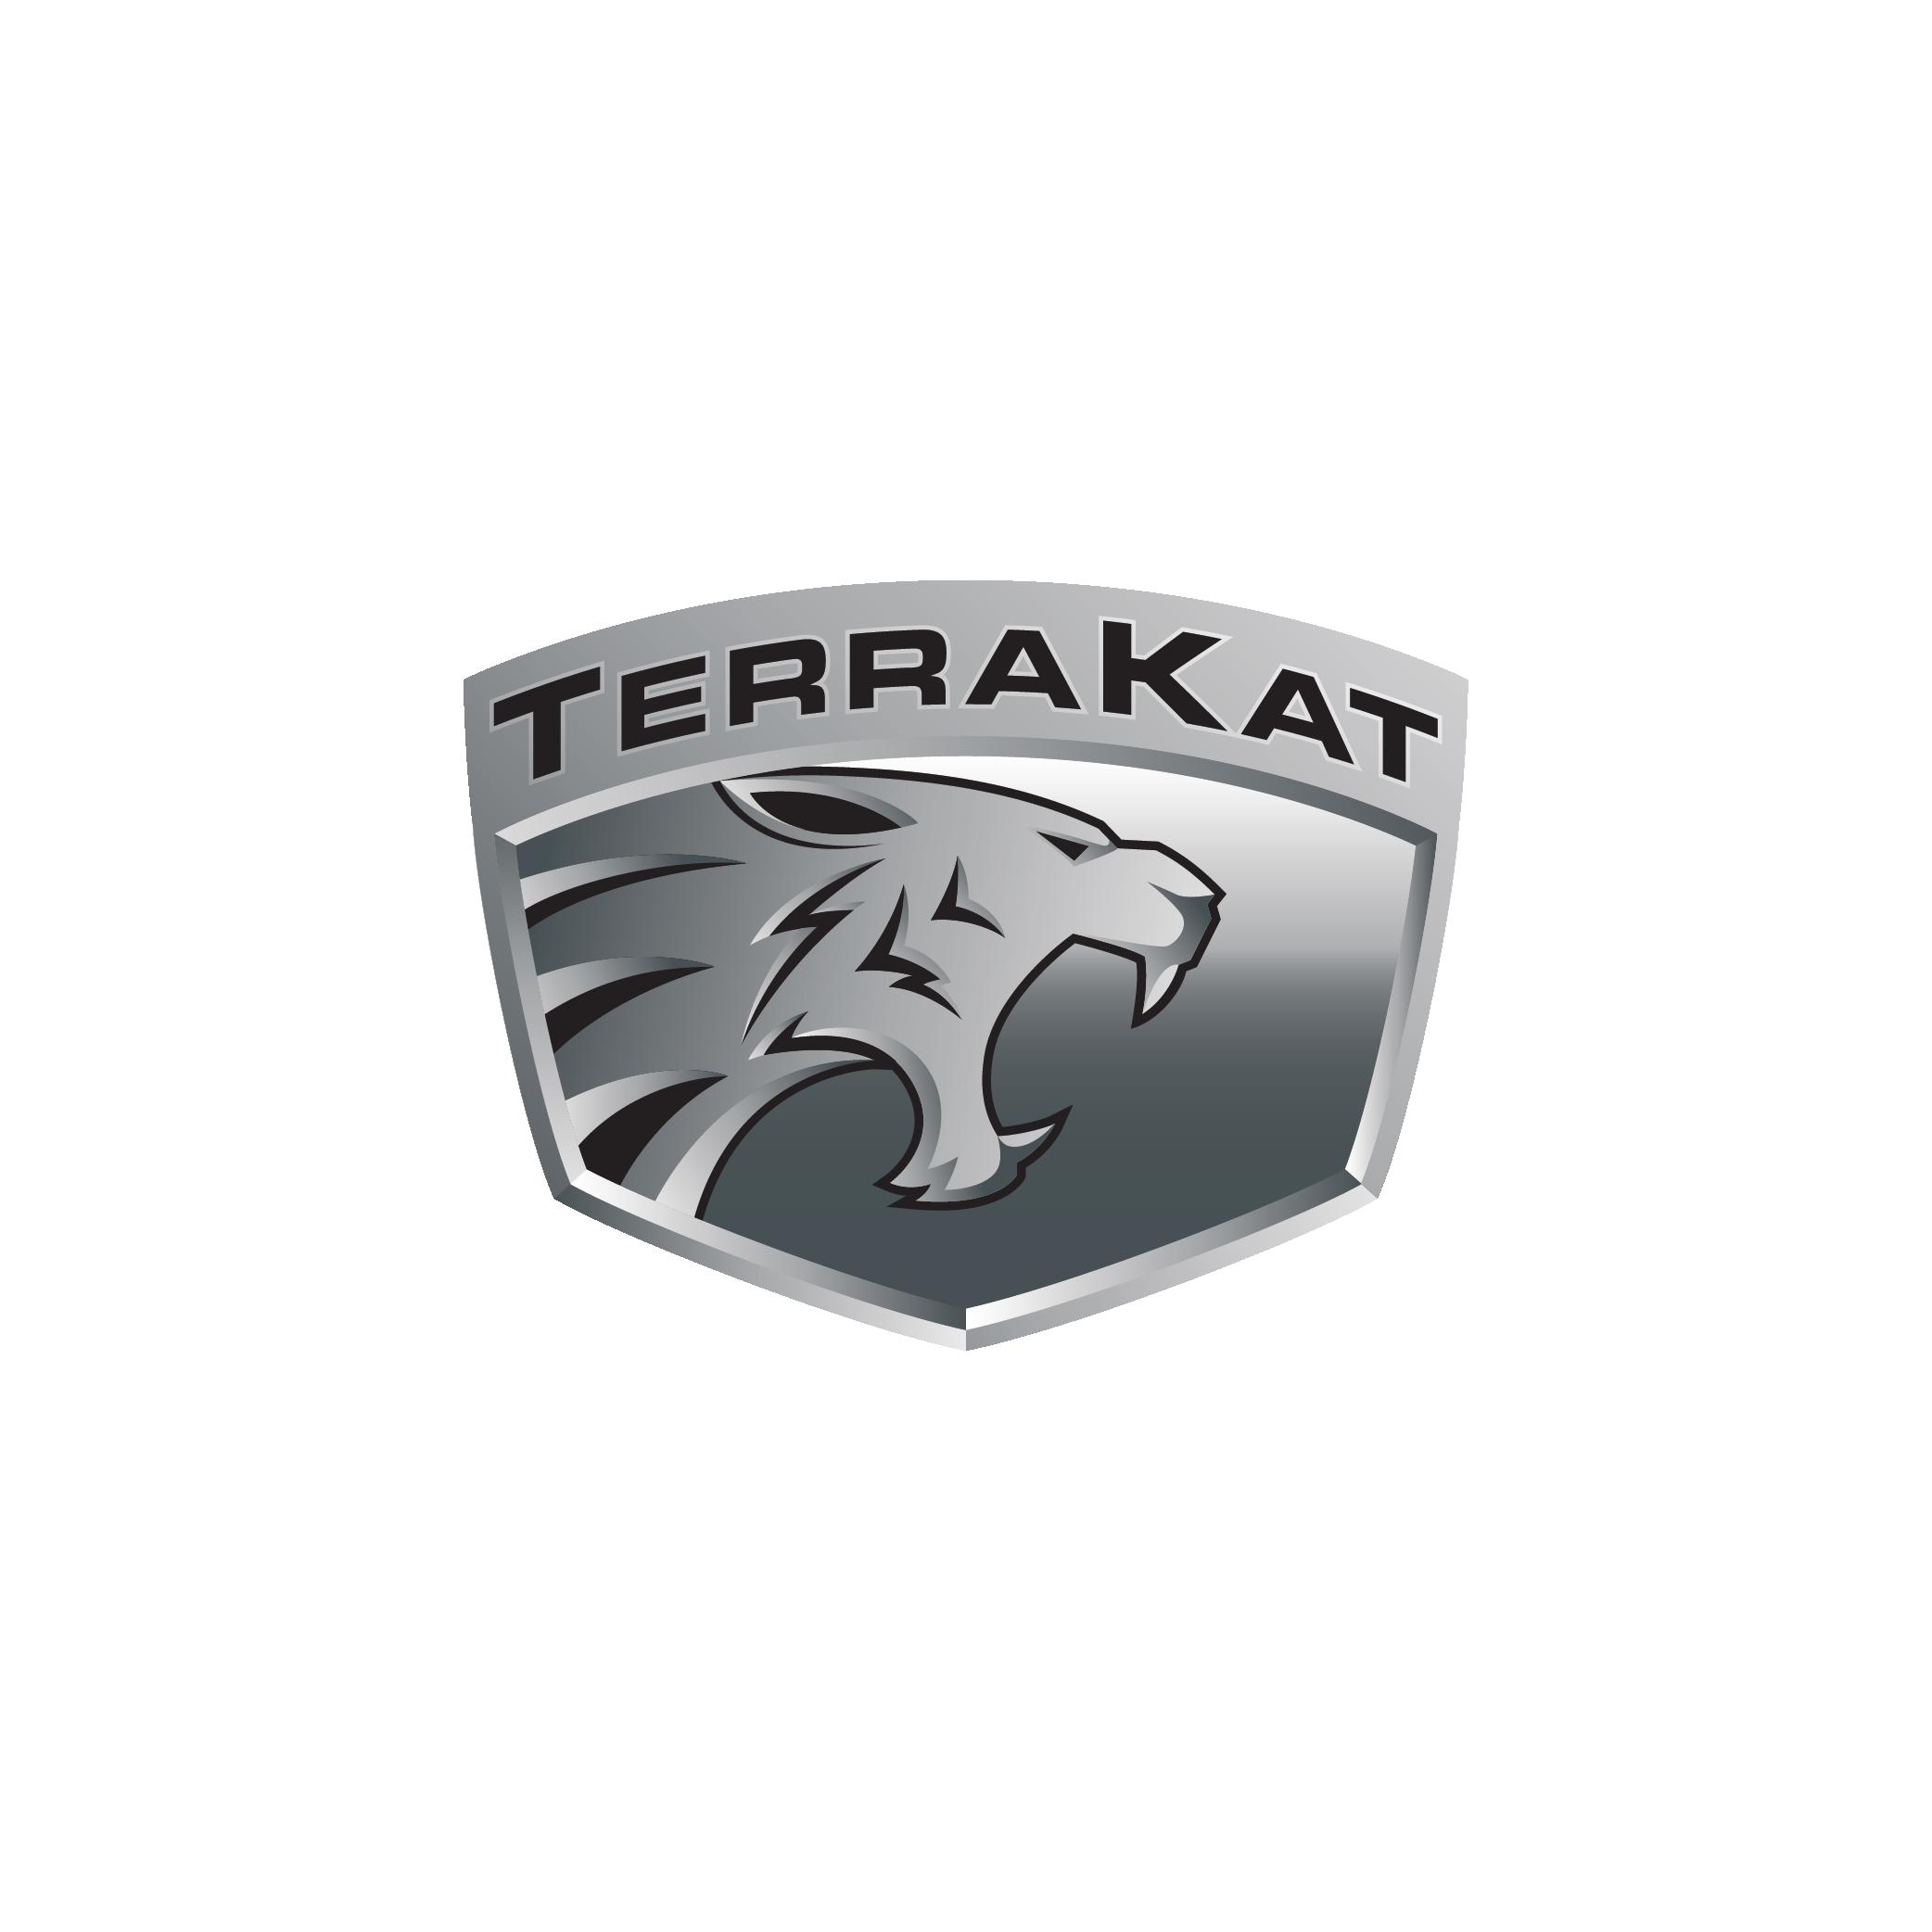 TerraKat Ag Machinery